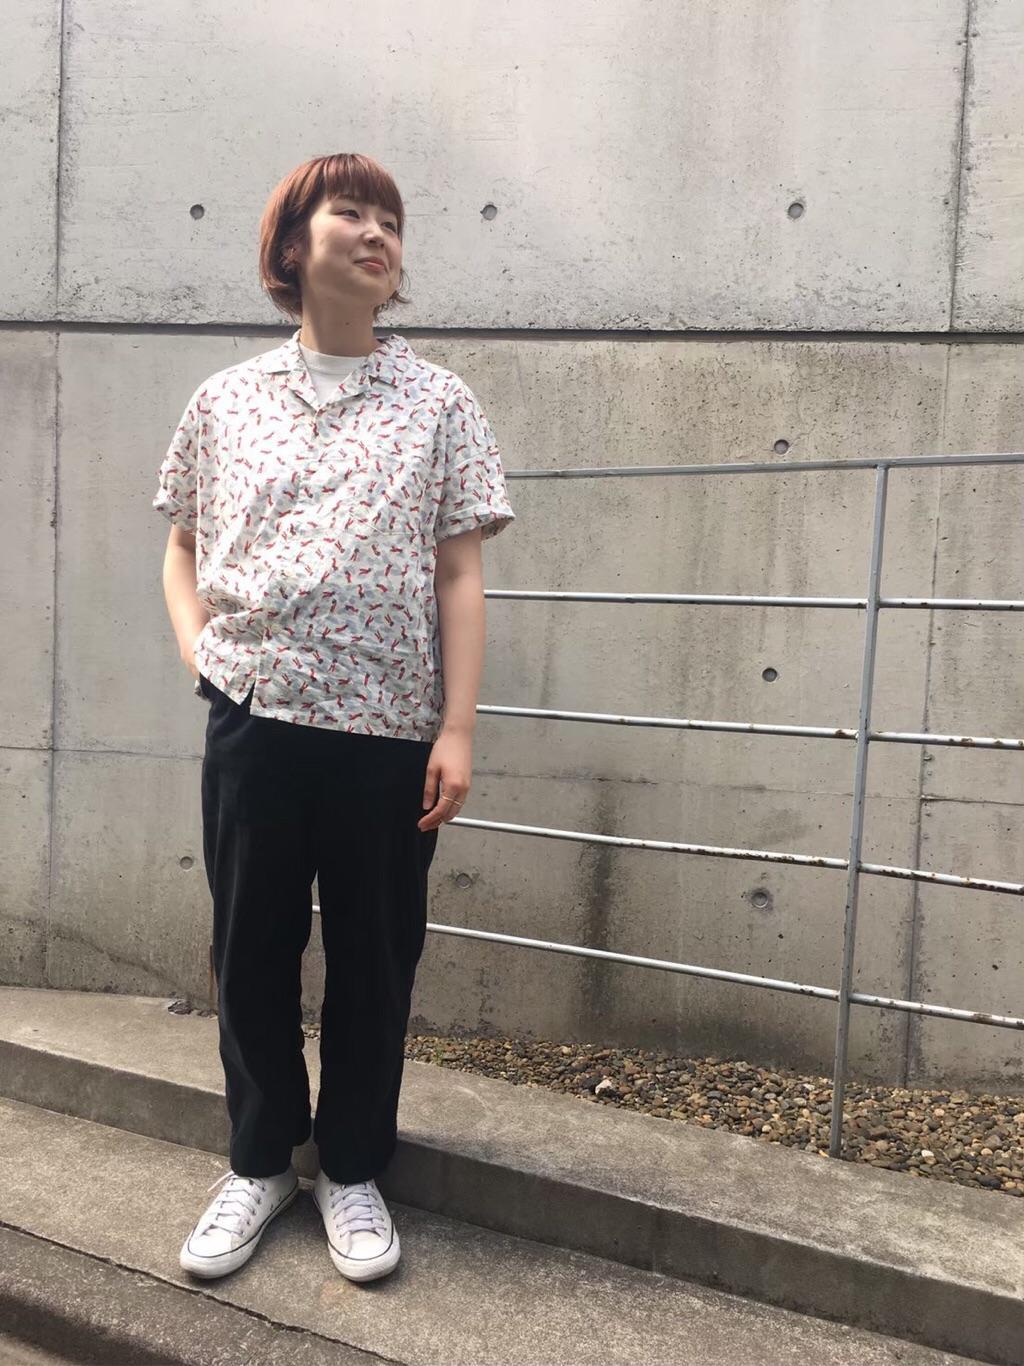 ルミネ新宿 2019.06.10